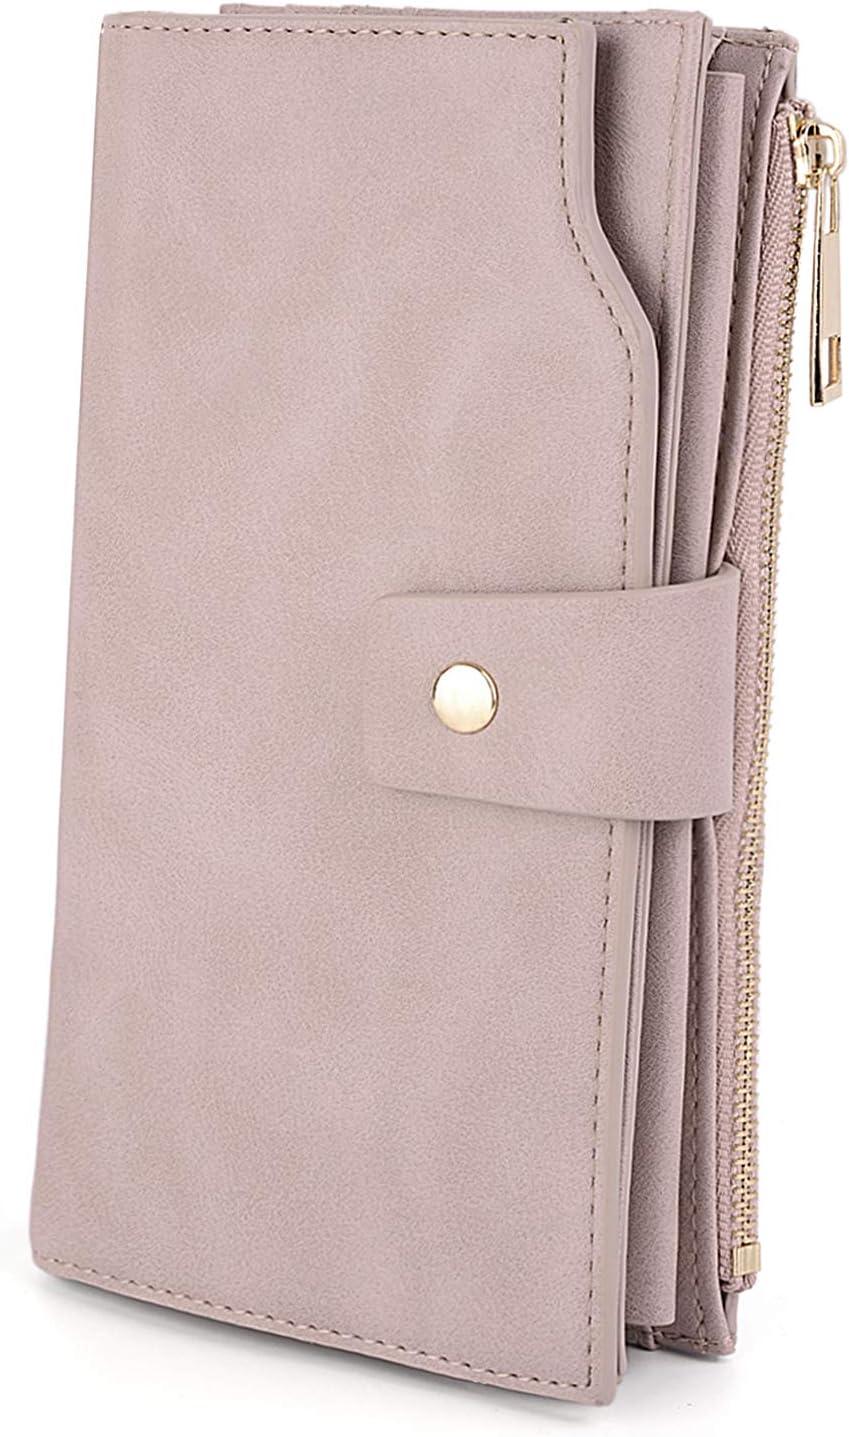 UTO - Mujer Cartera de Bloqueo de RFID PU Cuero Monedero Largo 21 Ranuras para Tarjetas Monedero Gran Capacidad Bolsillo para Móvil Rosa Claro